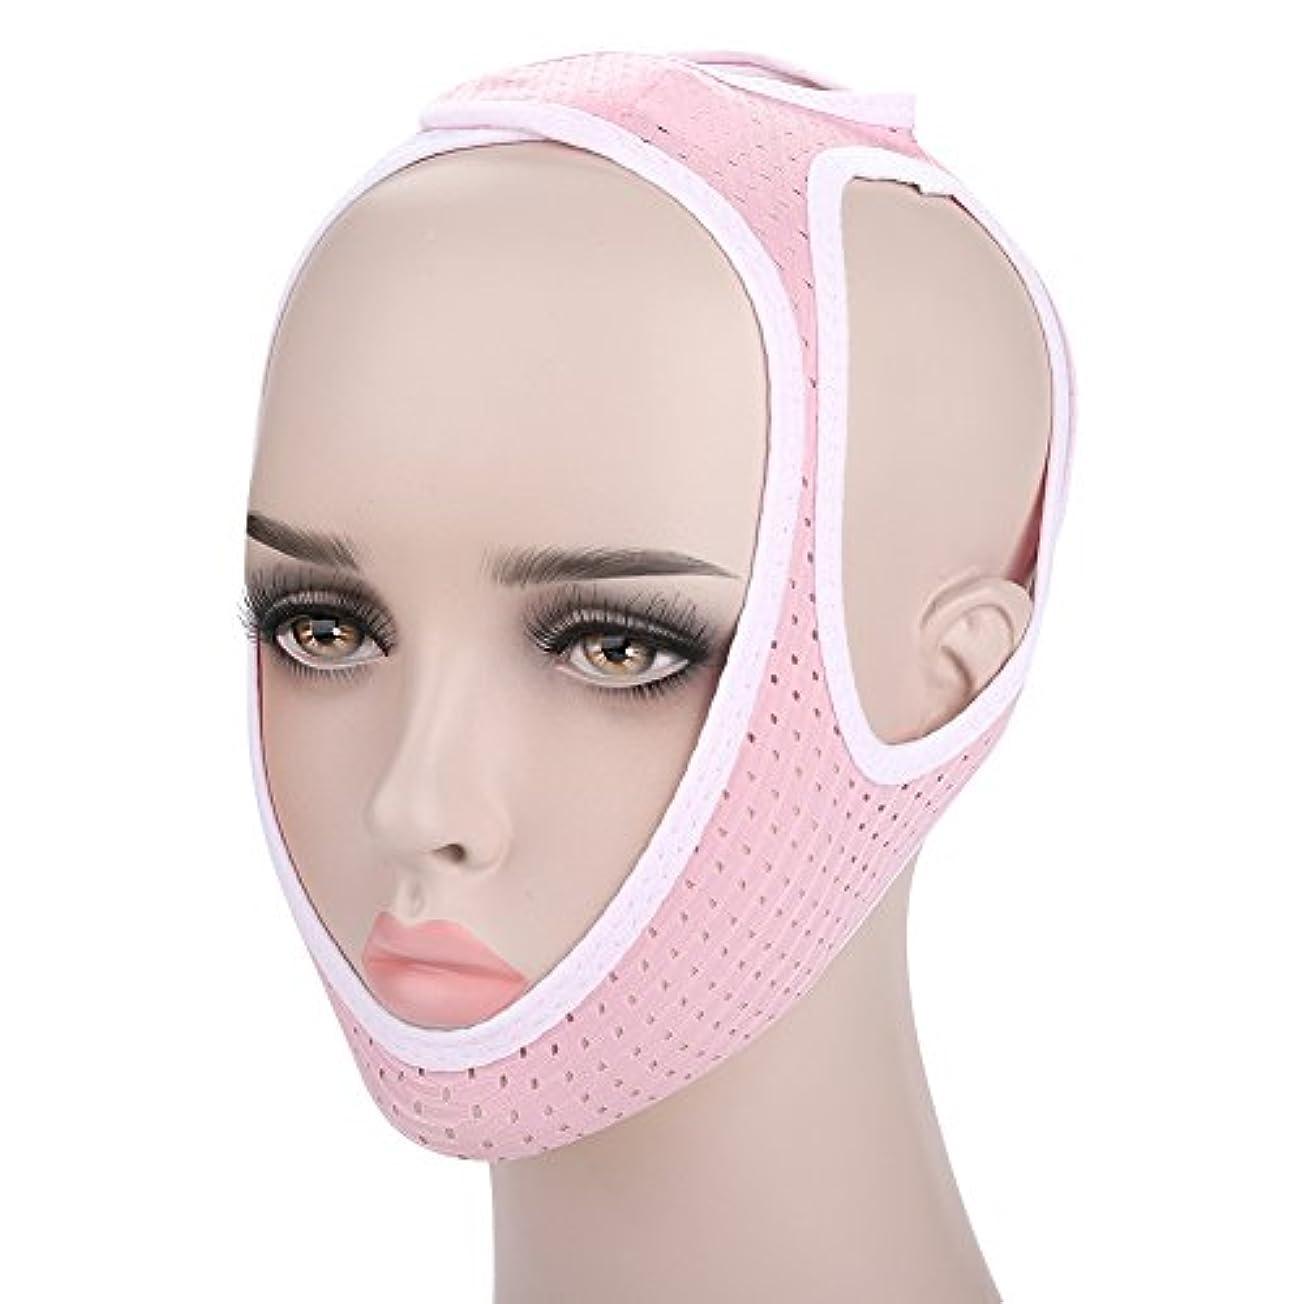 ダニ命令的二度小顔 顎リフト 小顔マスク フェイシャルスリミングマスク グッズ フェイス マスク 顔の包帯スリ 小顔ベルト男女兼用 (L)